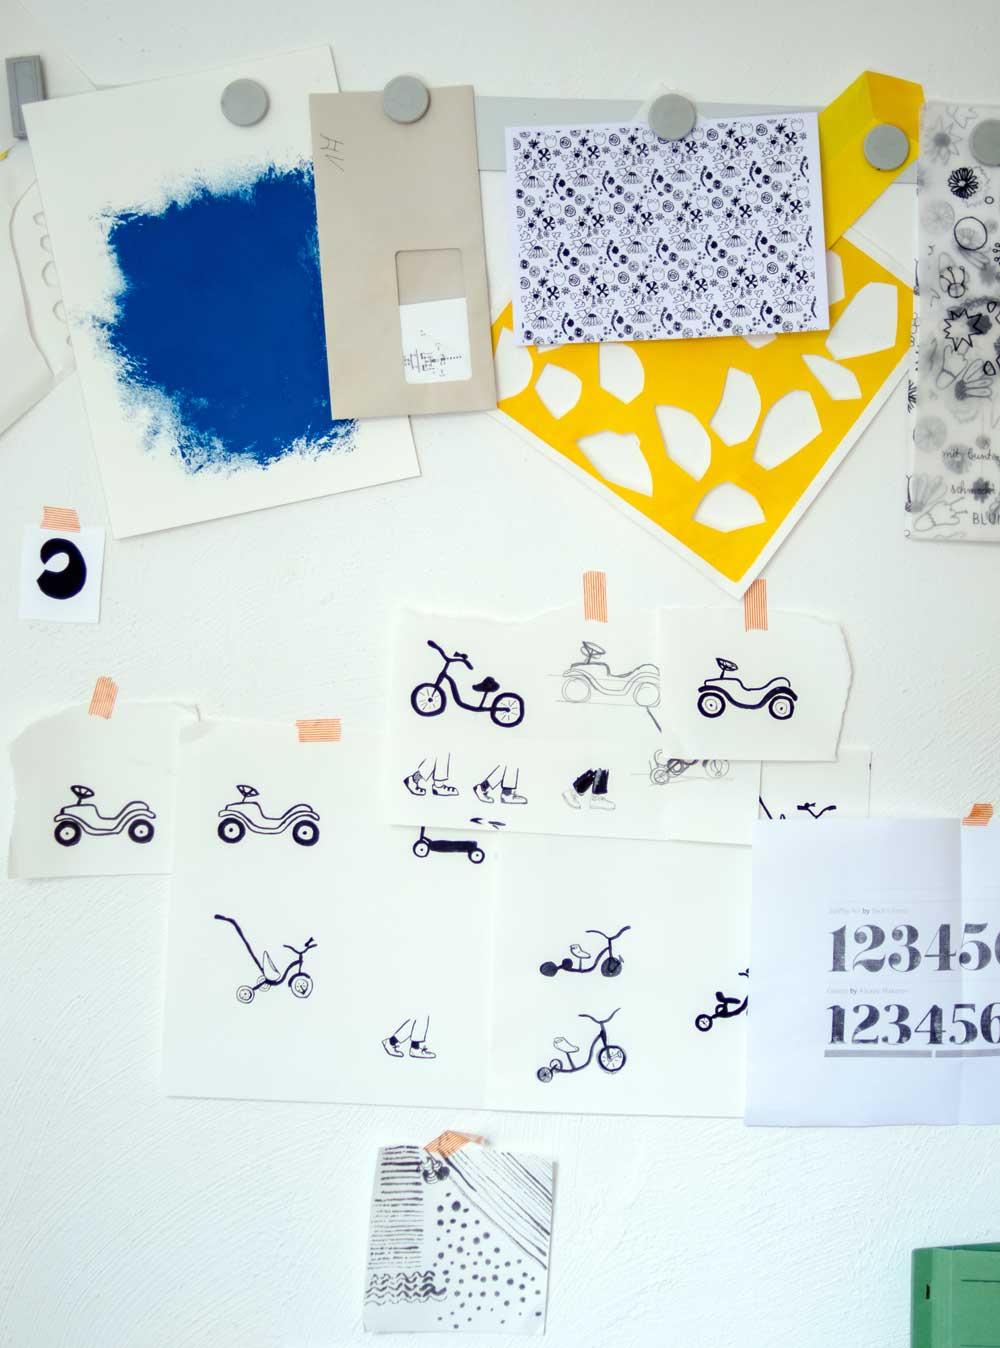 Fahrräder, Diana Laube Illustration. hamburgvoninnen.de